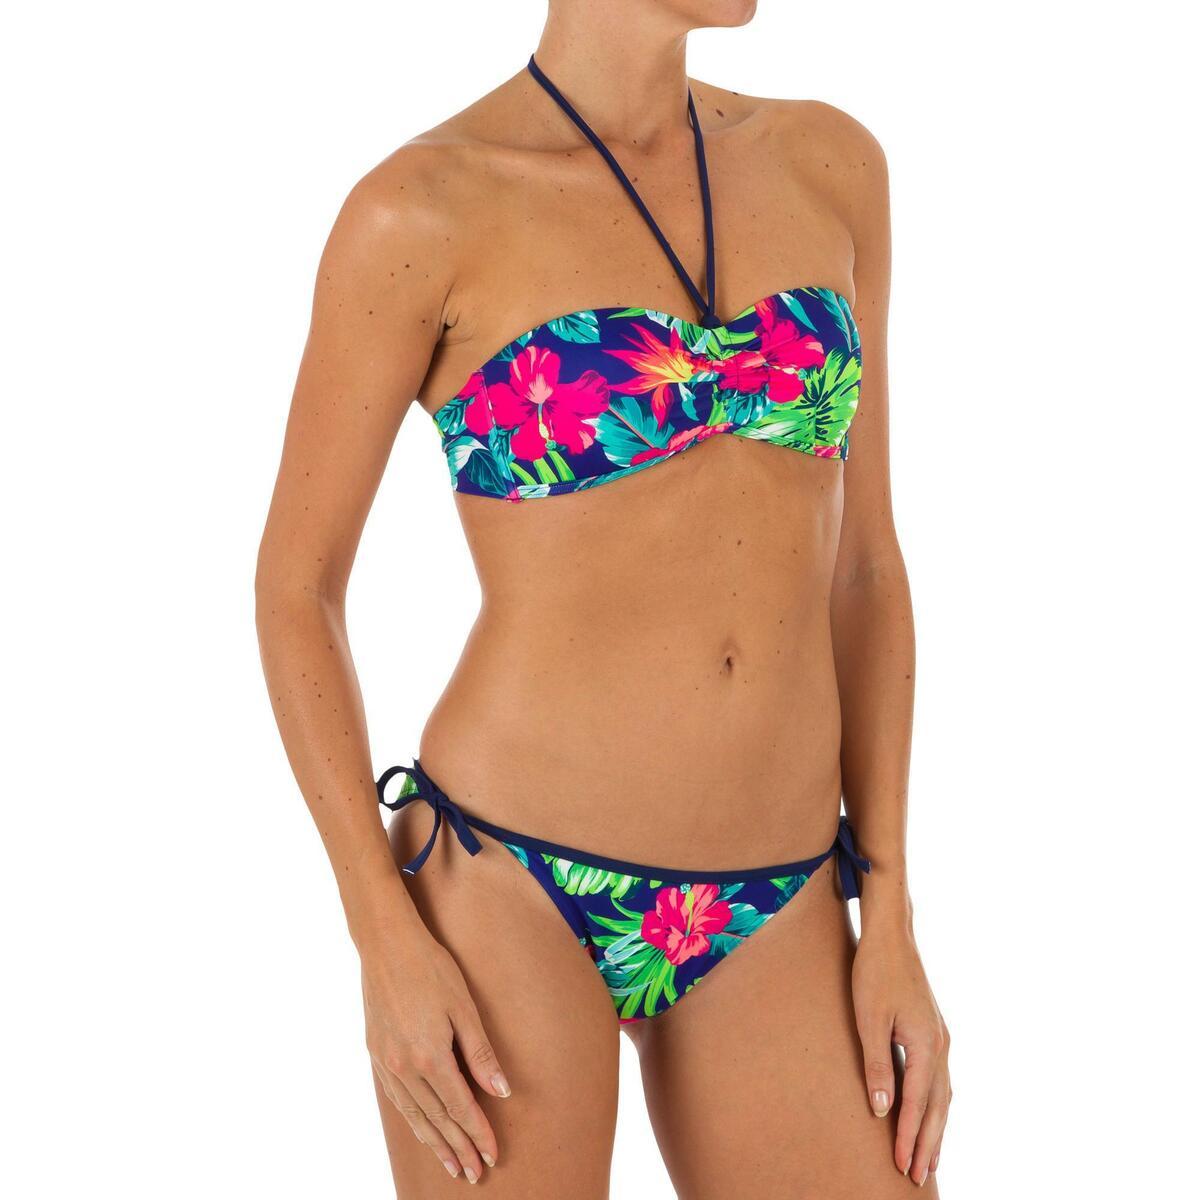 Bild 5 von Bikini-Oberteil Bandeau Bora angenähte Formschalen Damen